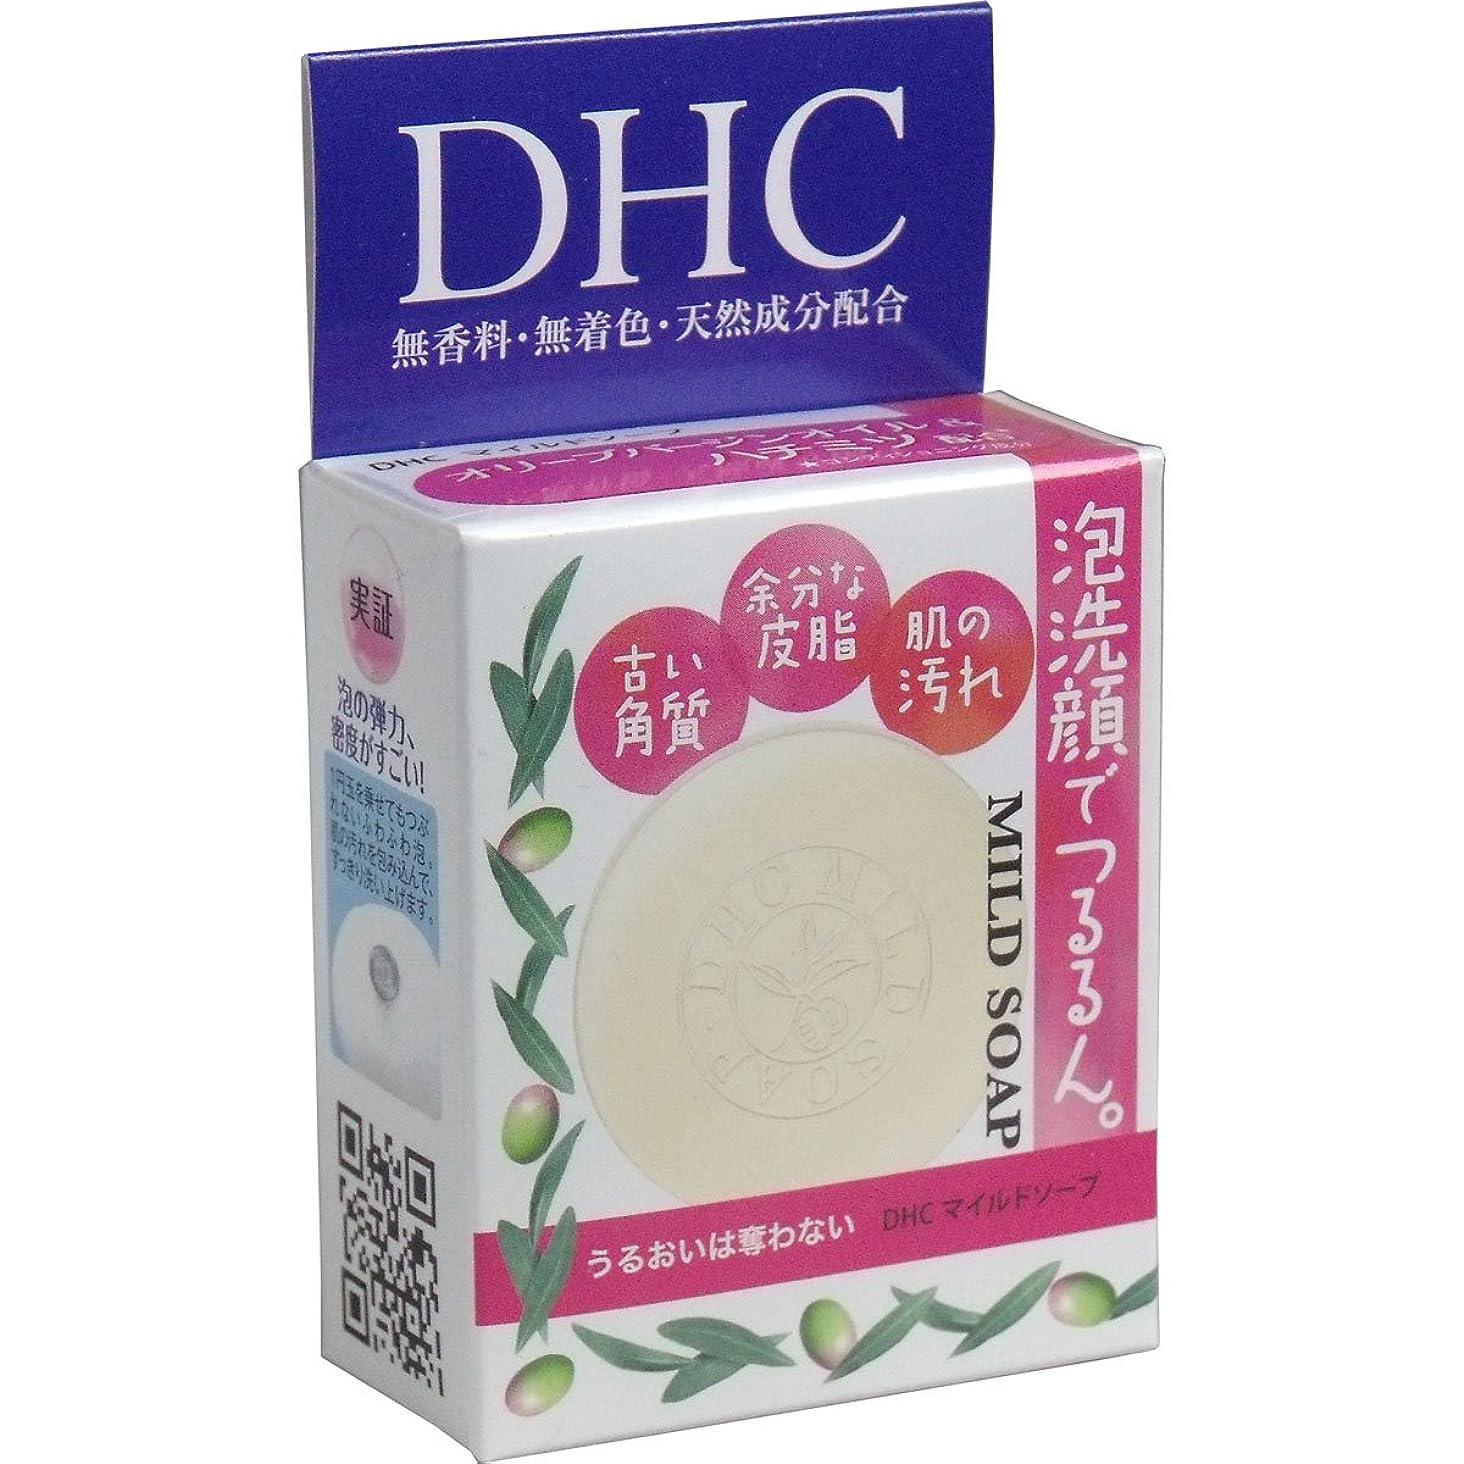 検索エンジン最適化トランクライブラリ主観的DHC マイルドソープ <石鹸> 35g (商品内訳:単品1個)